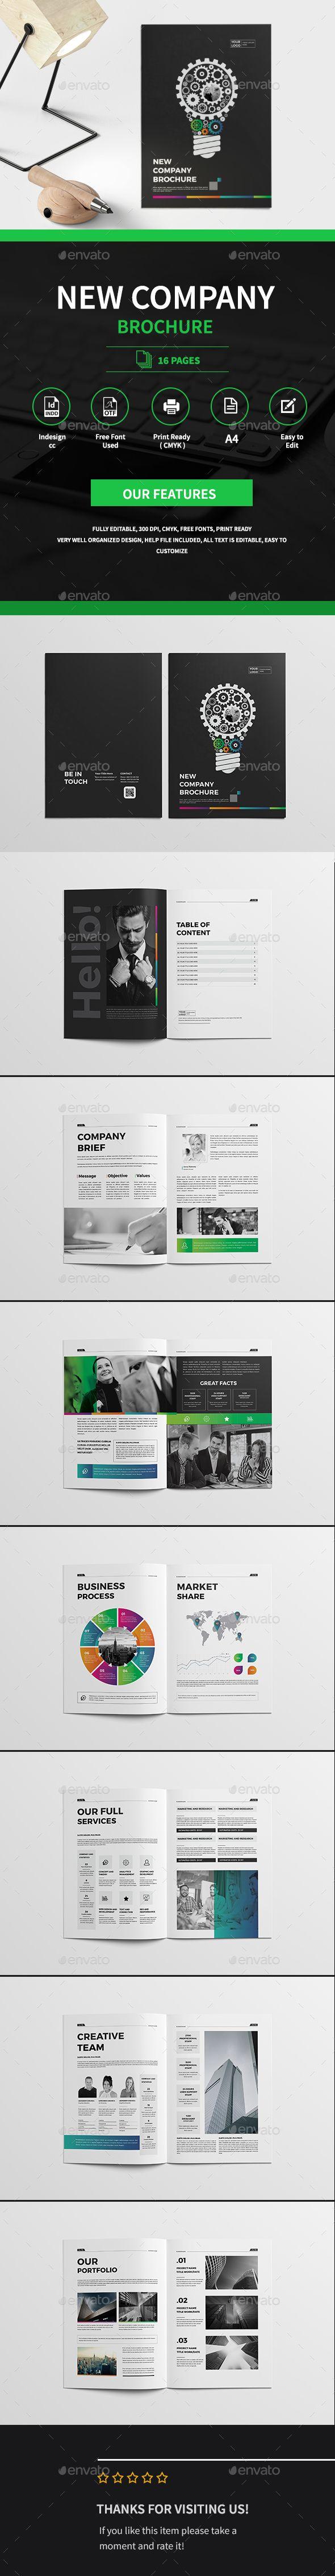 Business Innovation Brochure | Innovación, Folletos y Diseño